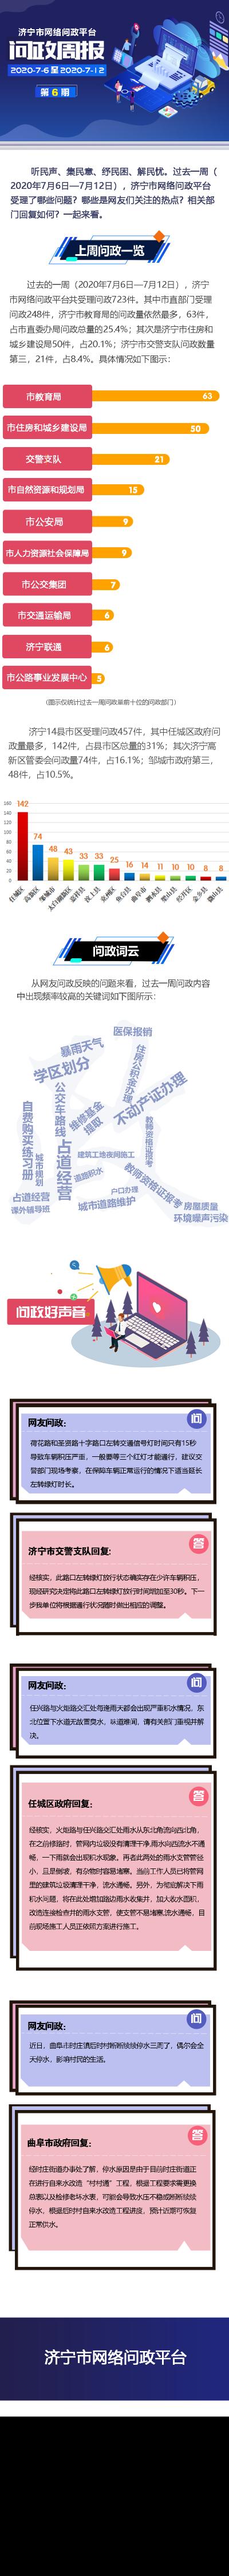 济宁市网络问政平台|一周问政热点(7月6日—7月12日)